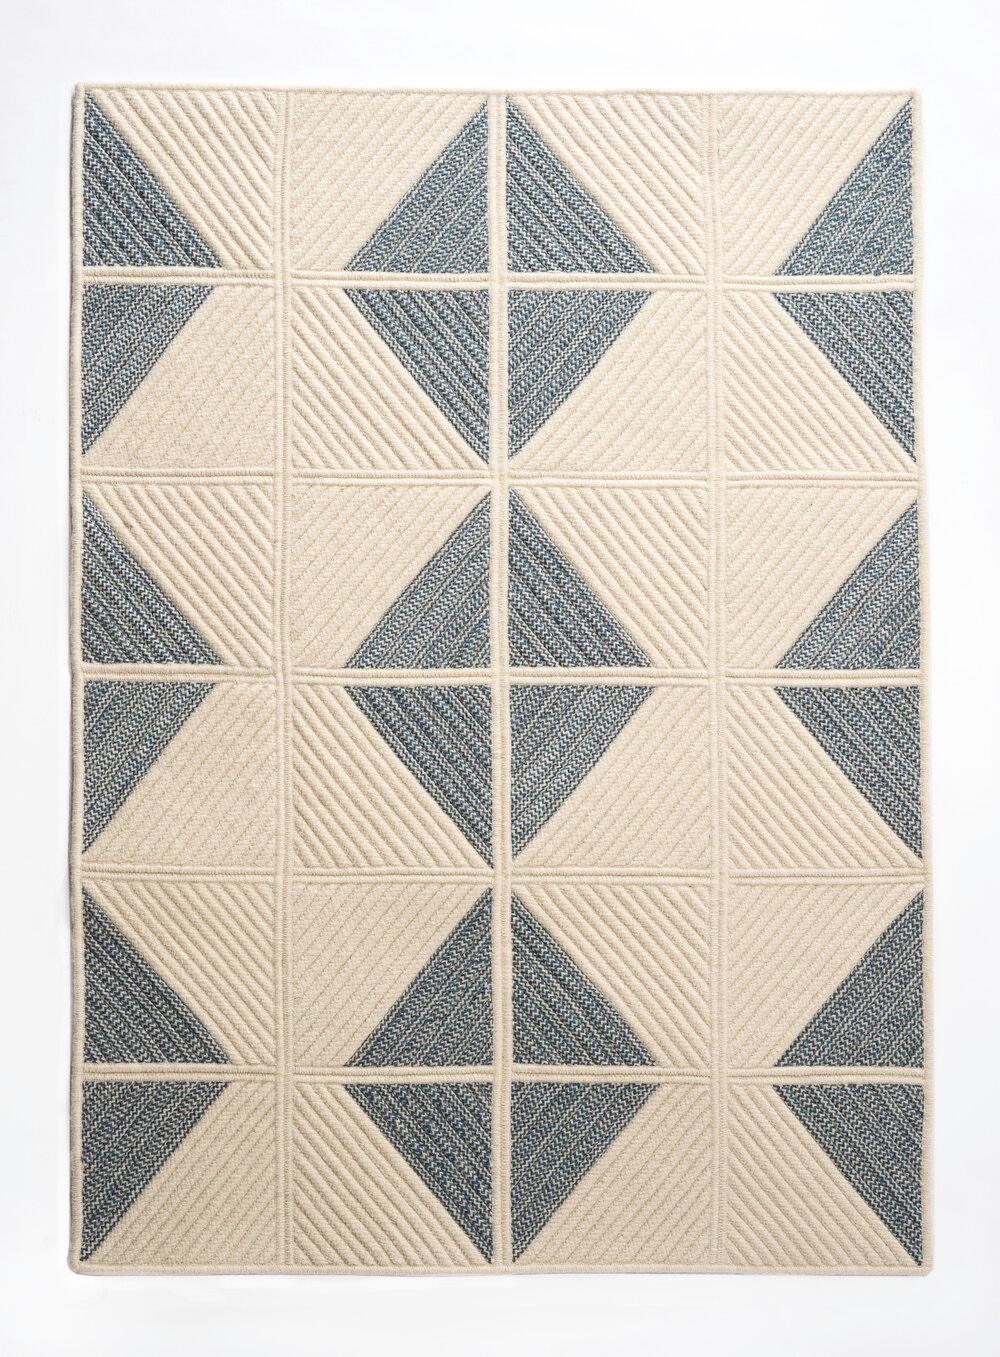 Sketch Rug Blue Thayer Design Studio Custom Rugs Trending Decor Rugs